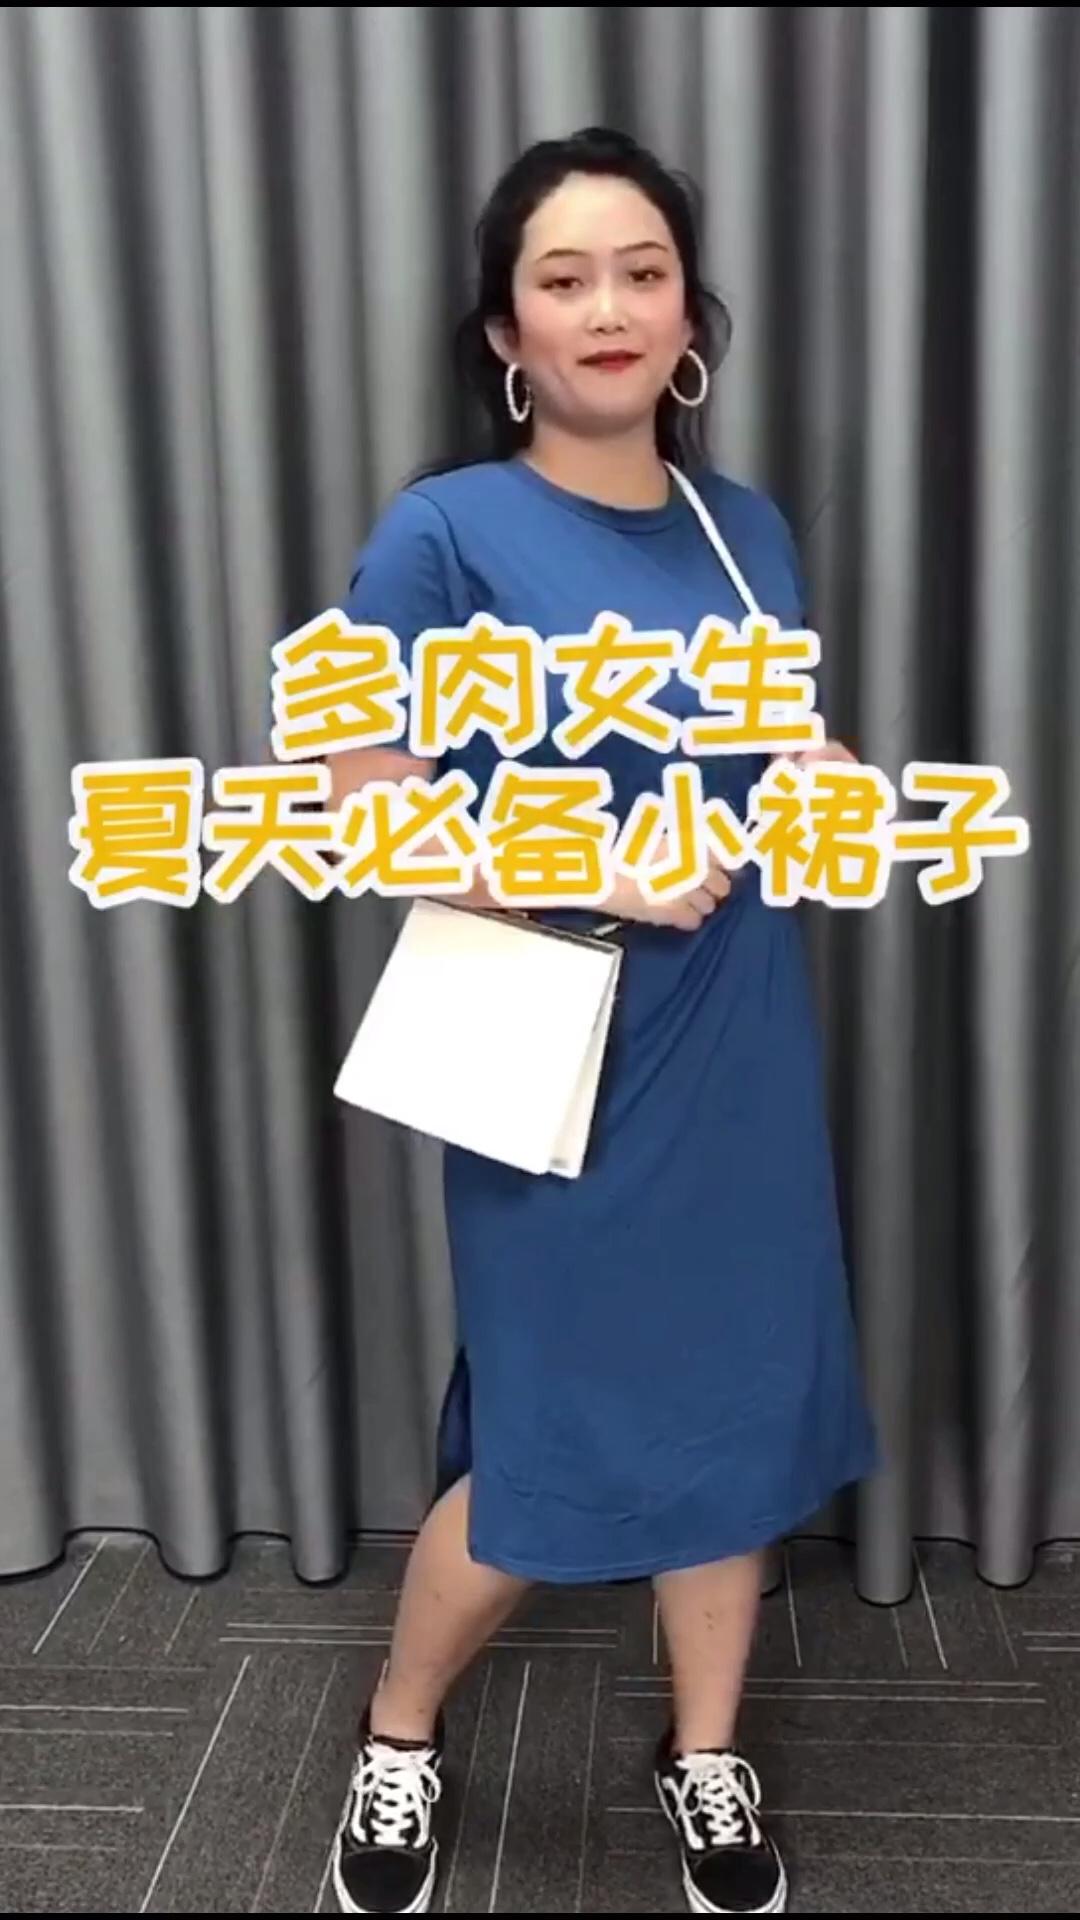 今天安利一波,微胖的姑娘这样穿也很好看哦。微胖的小仙女们还等什么呢!#七夕!男友眼中的100分穿搭!#